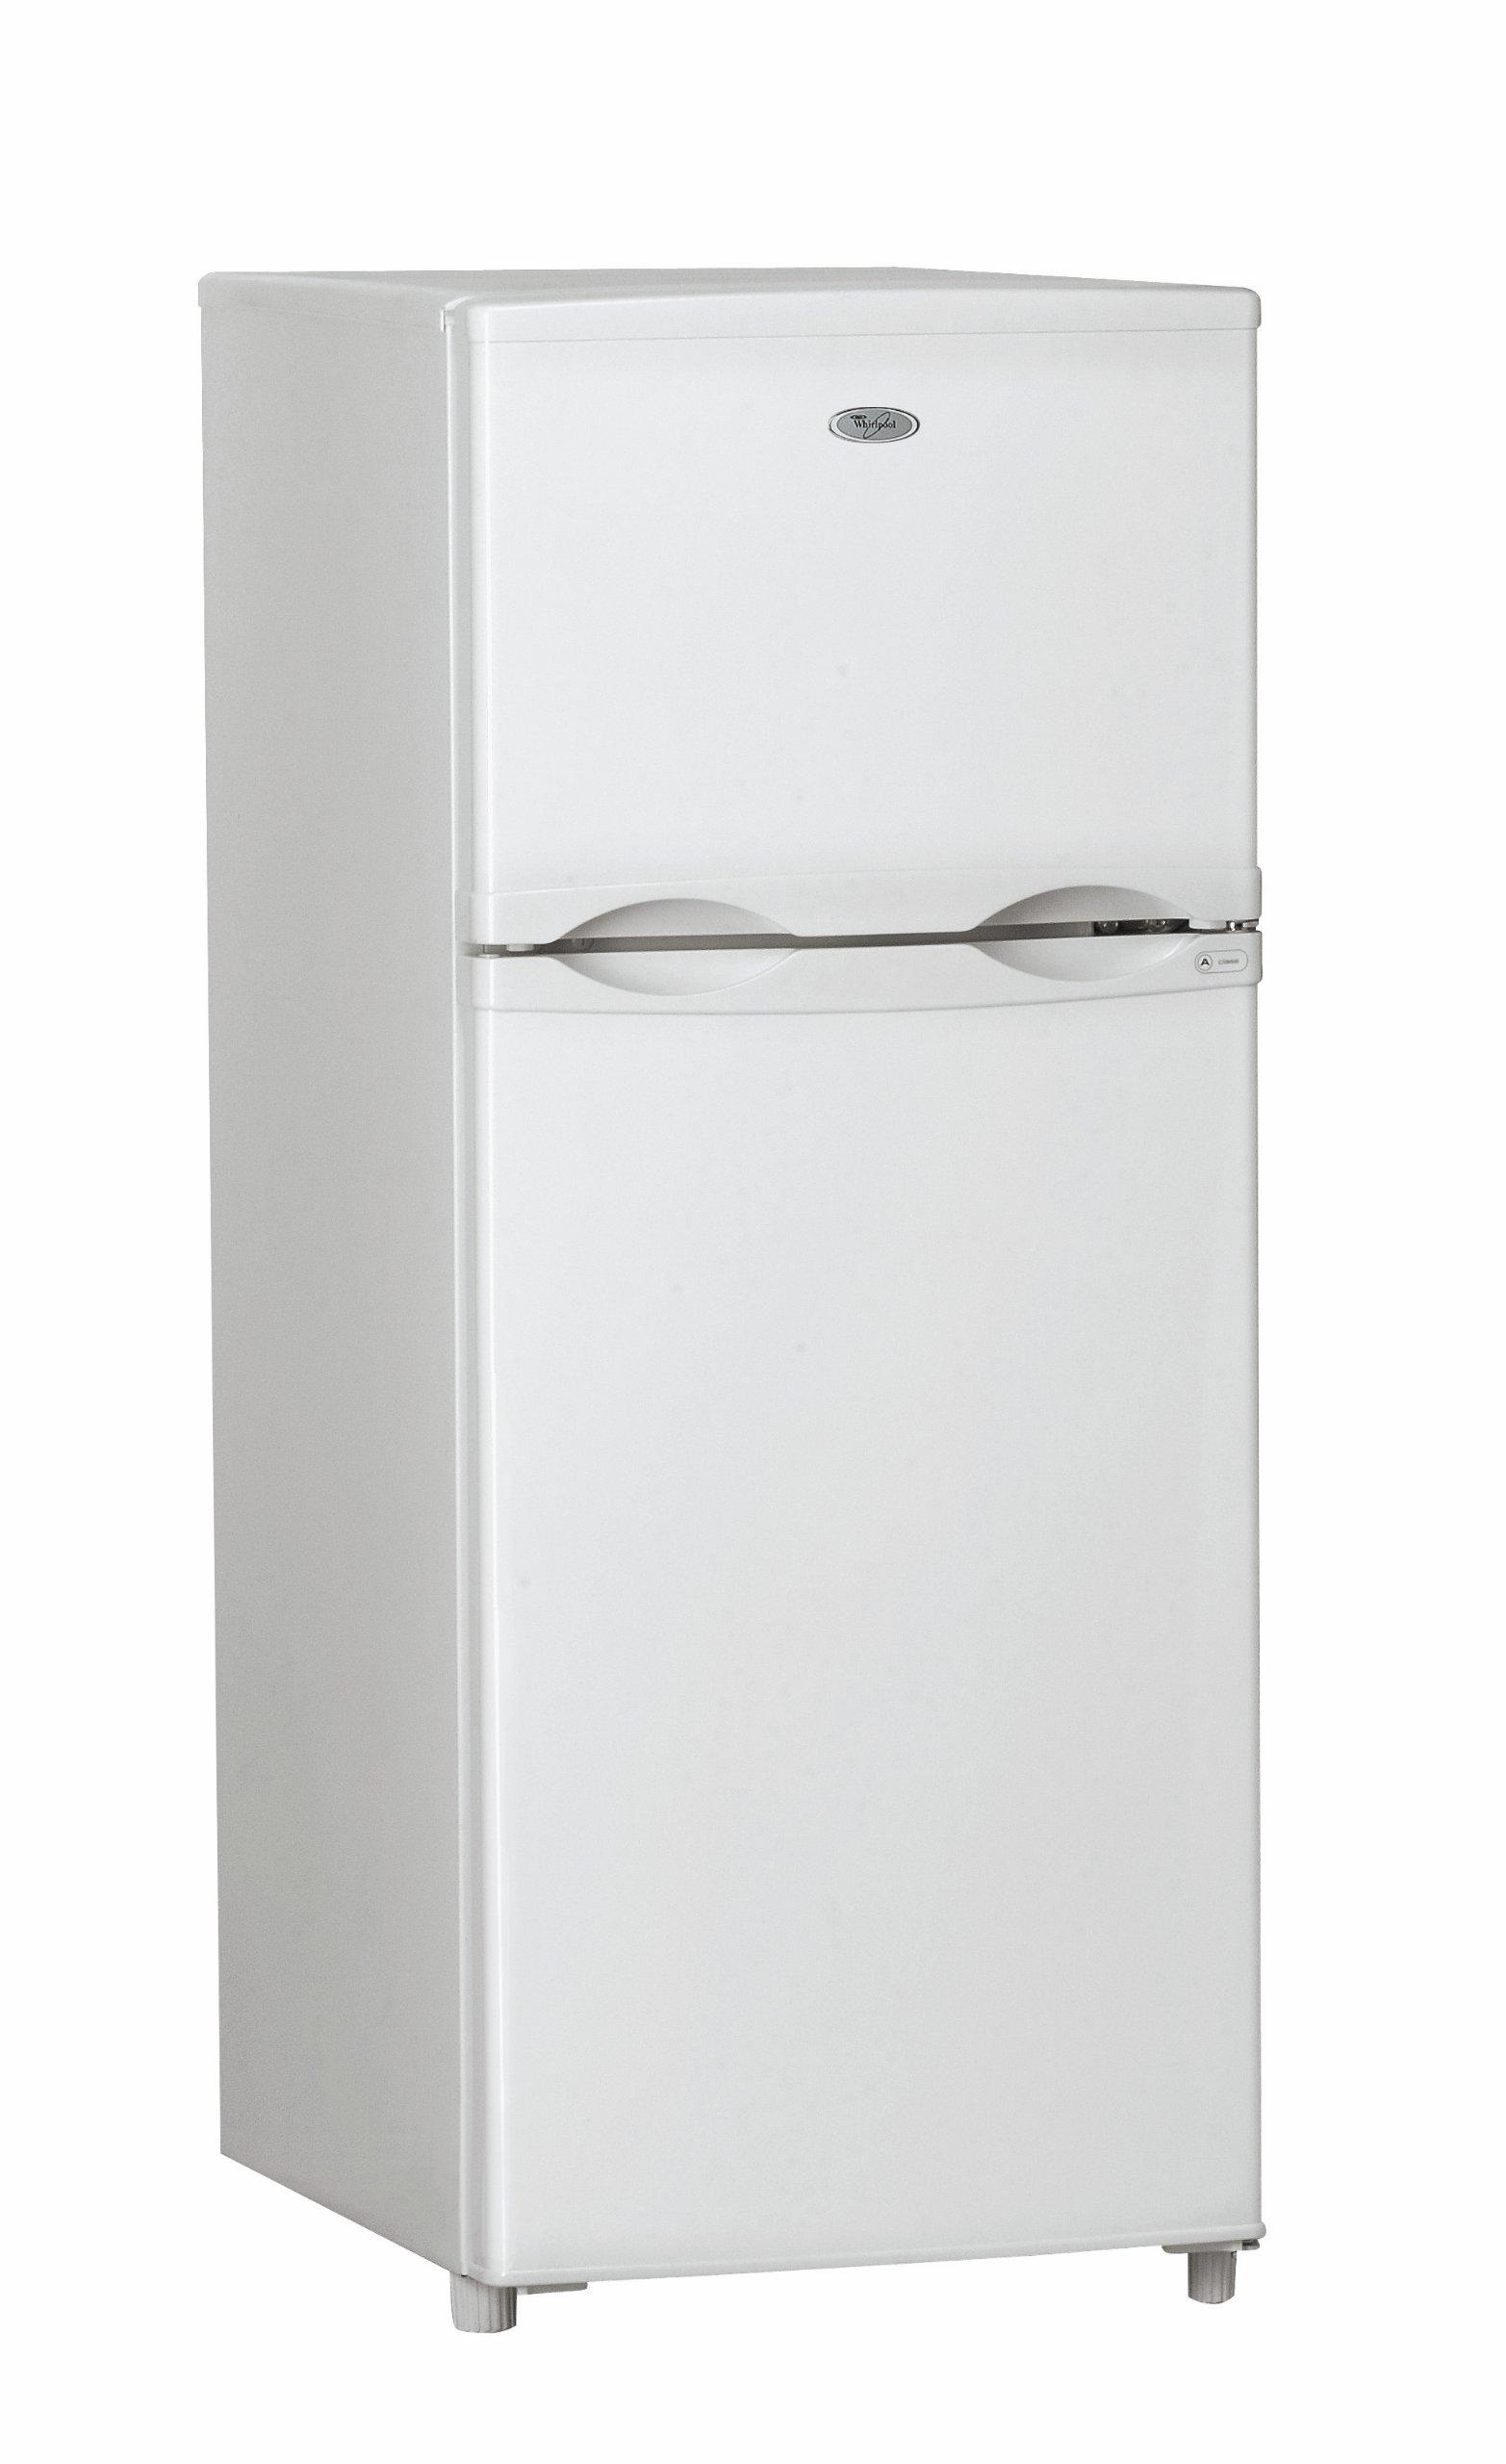 Whirlpool ARC 1800 Integrado 155L A Blanco nevera y congelador ...